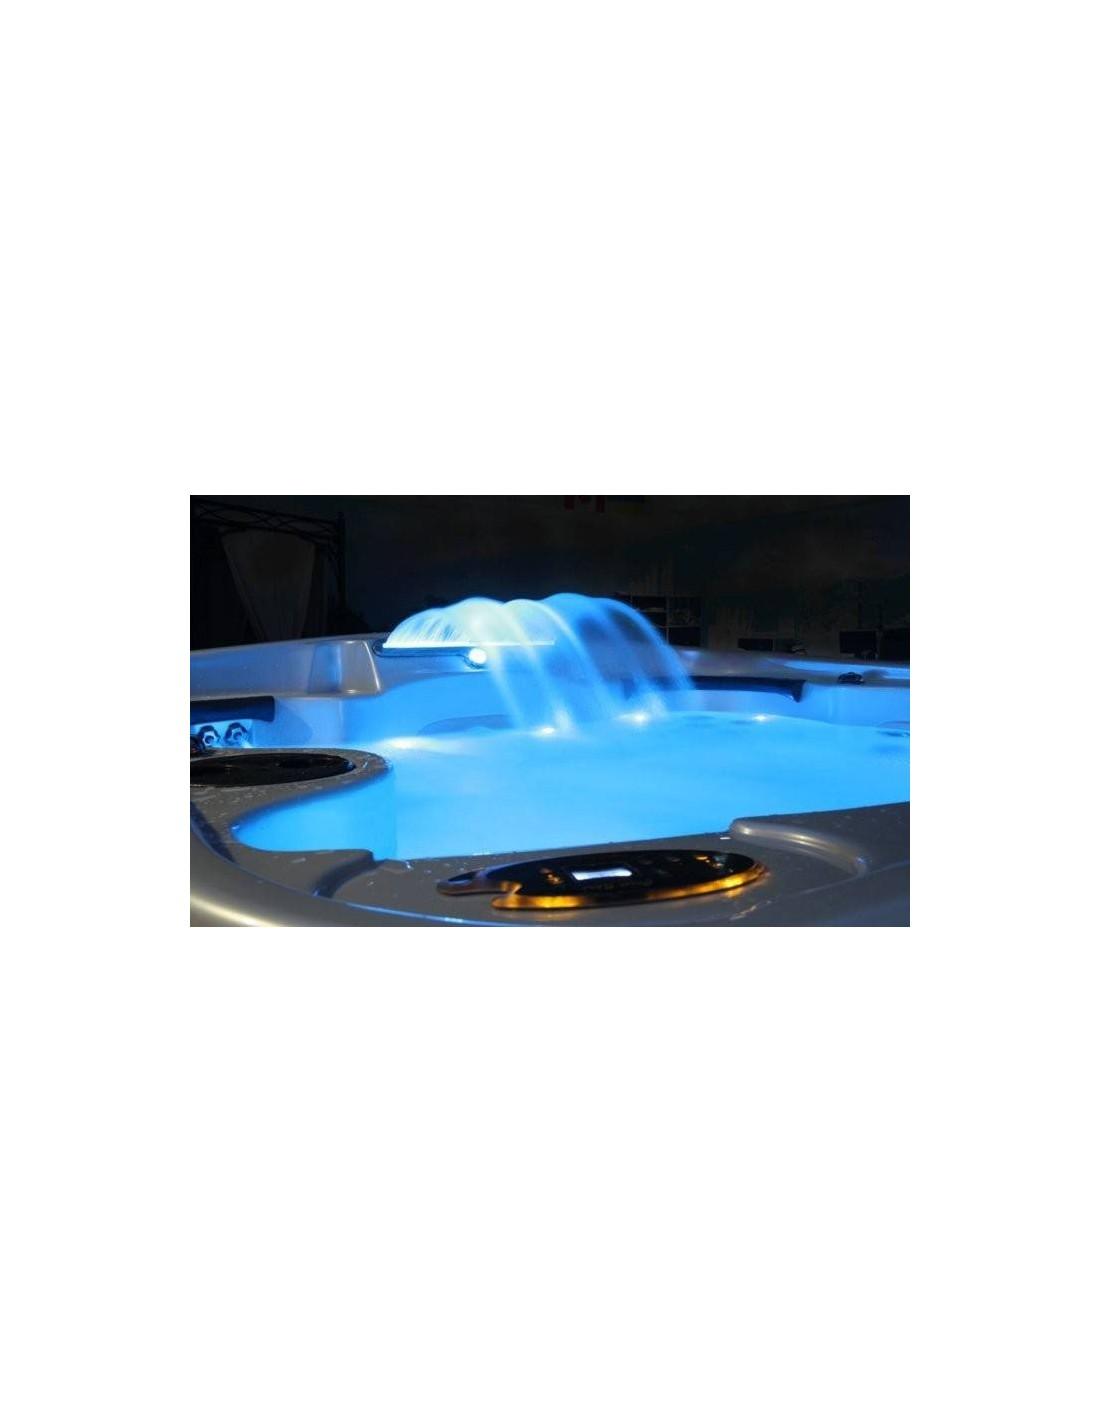 v ivka coast spas cascade 2 s p epadem a vyrovn vac n dr. Black Bedroom Furniture Sets. Home Design Ideas